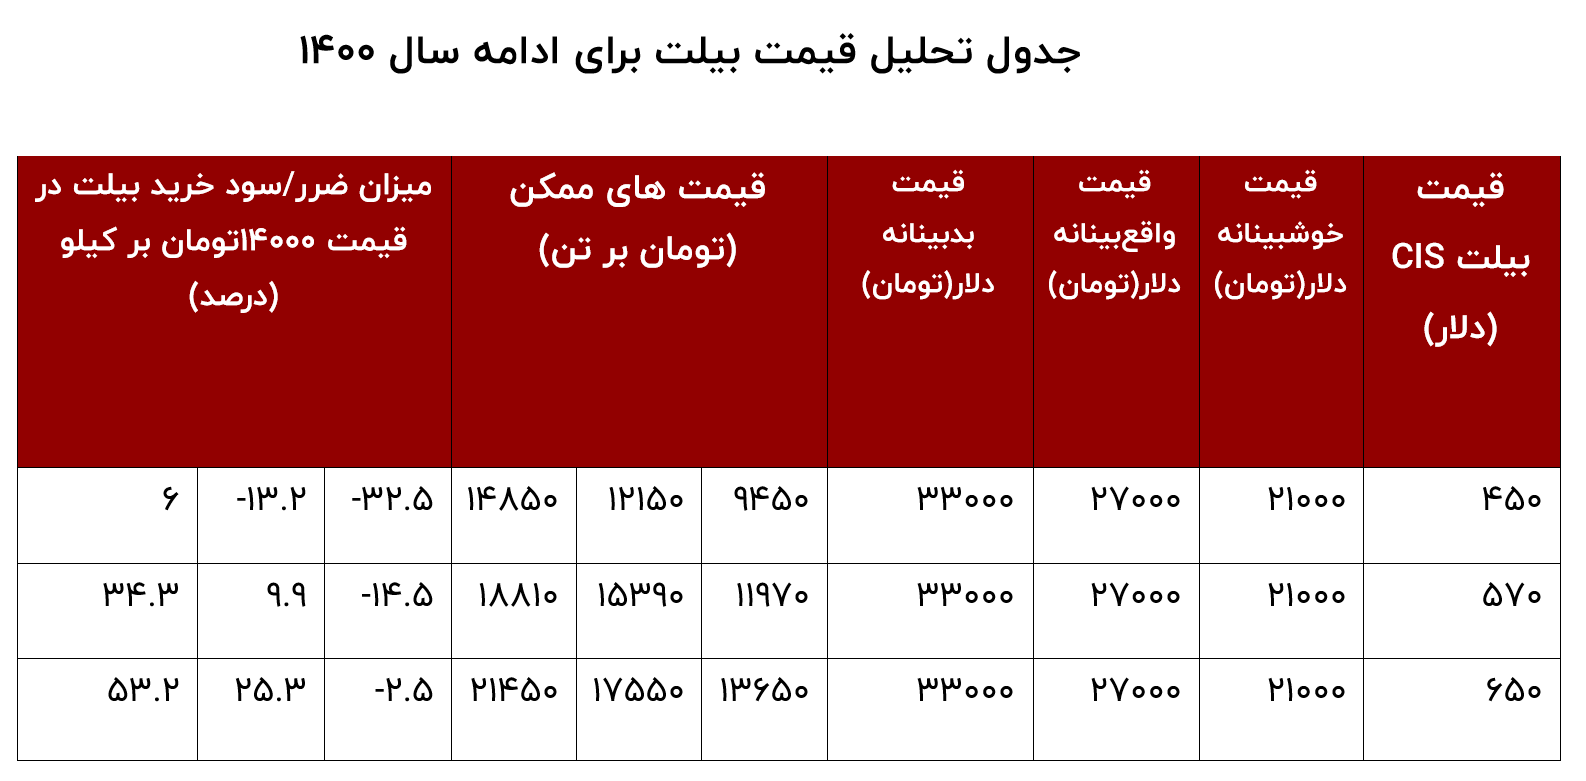 جدول تحلیل قیمت بیلت در سال ۱۴۰۰